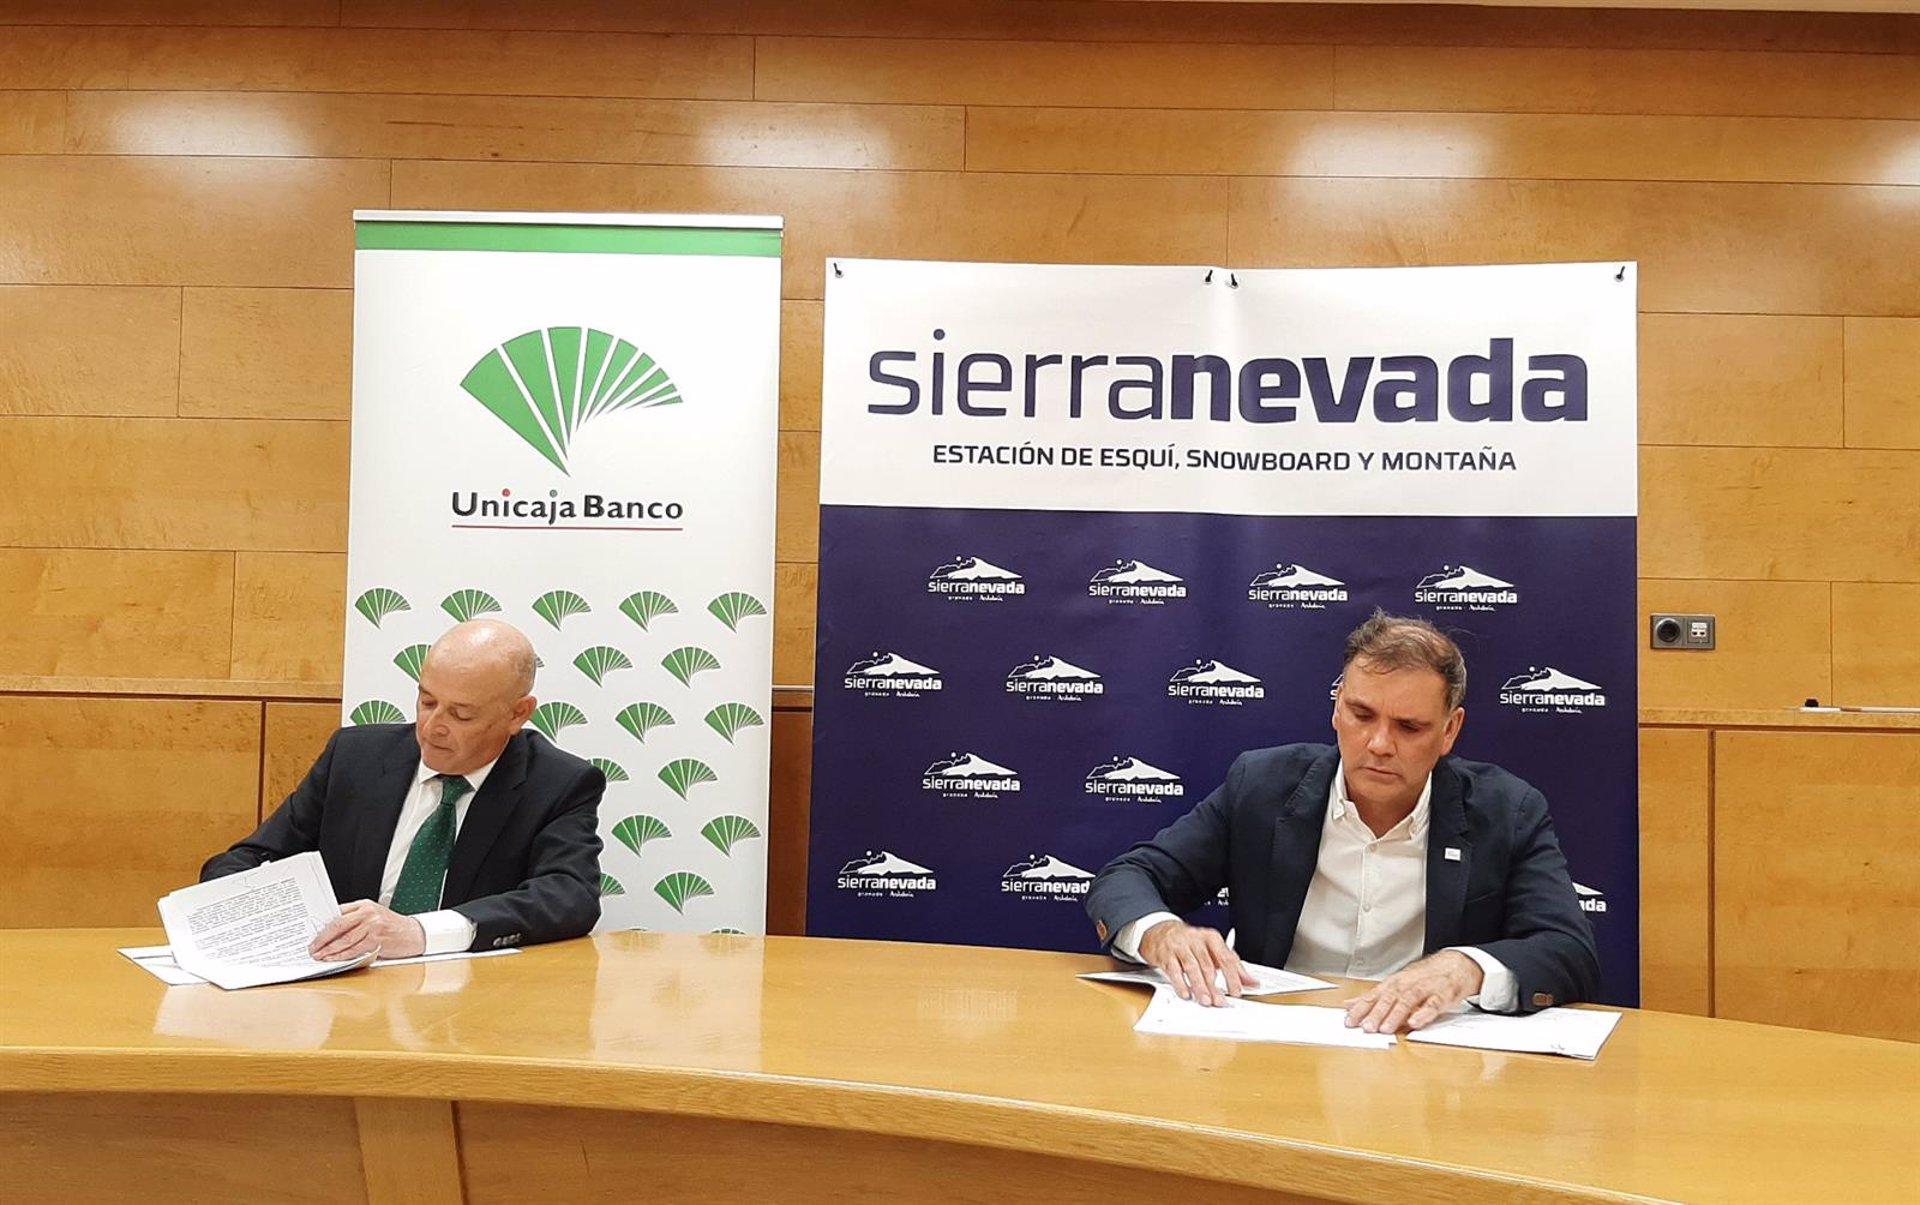 Unicaja Banco reafirma su apoyo como patrocinador oficial de la estación de esquí y montaña de Sierra Nevada